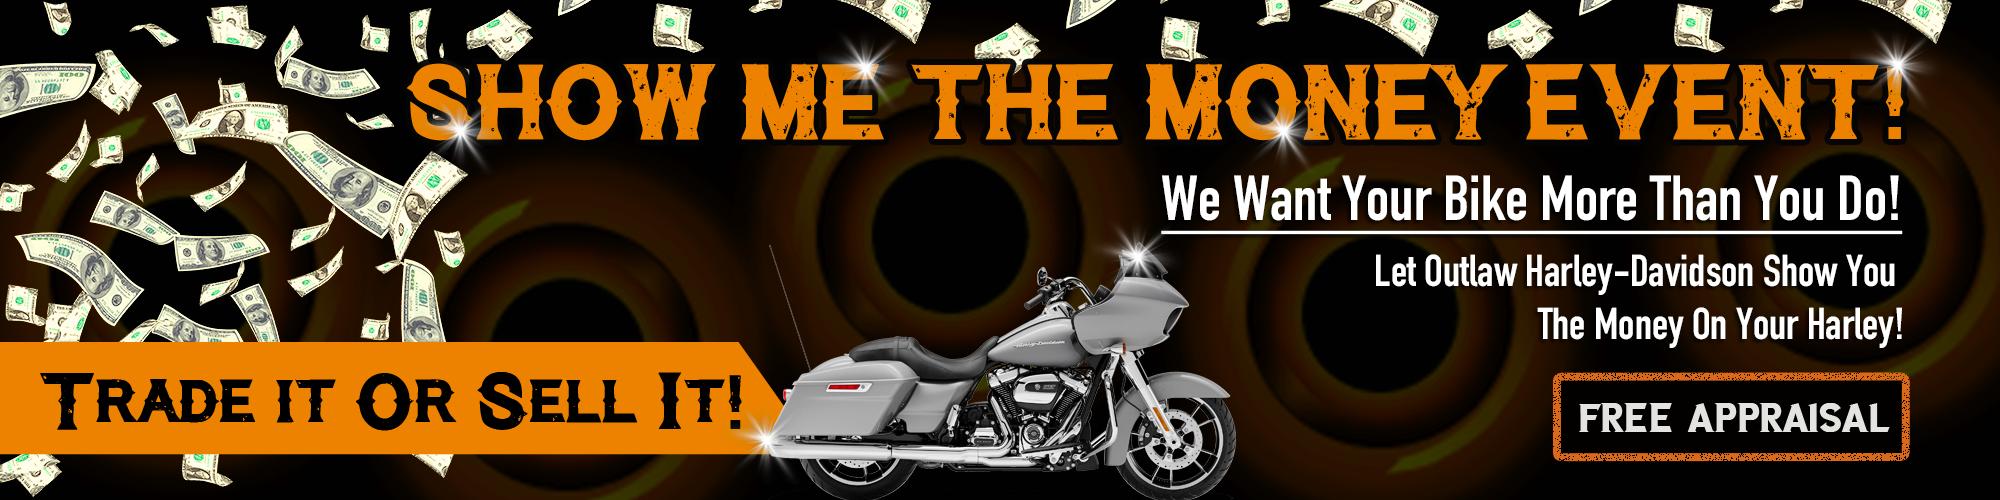 Harley-Davidson Kansas City